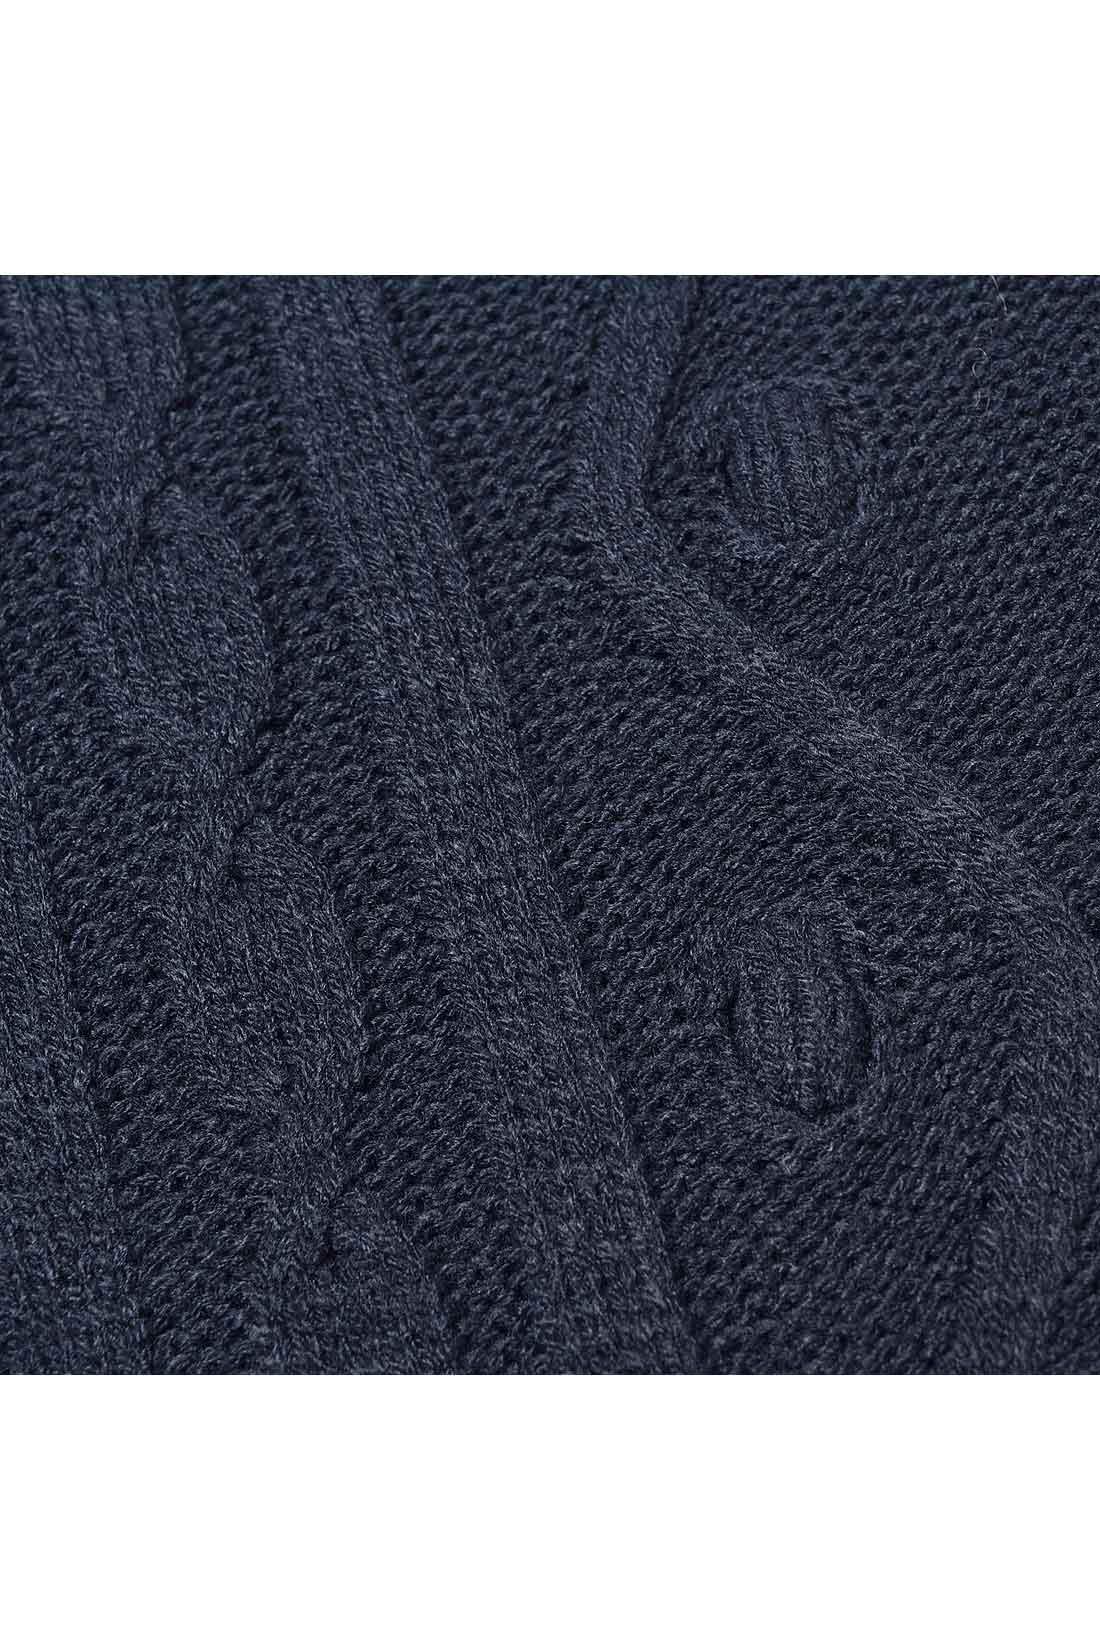 ぽこっと立体的に編んでいるので、両サイドに小さな穴があります。